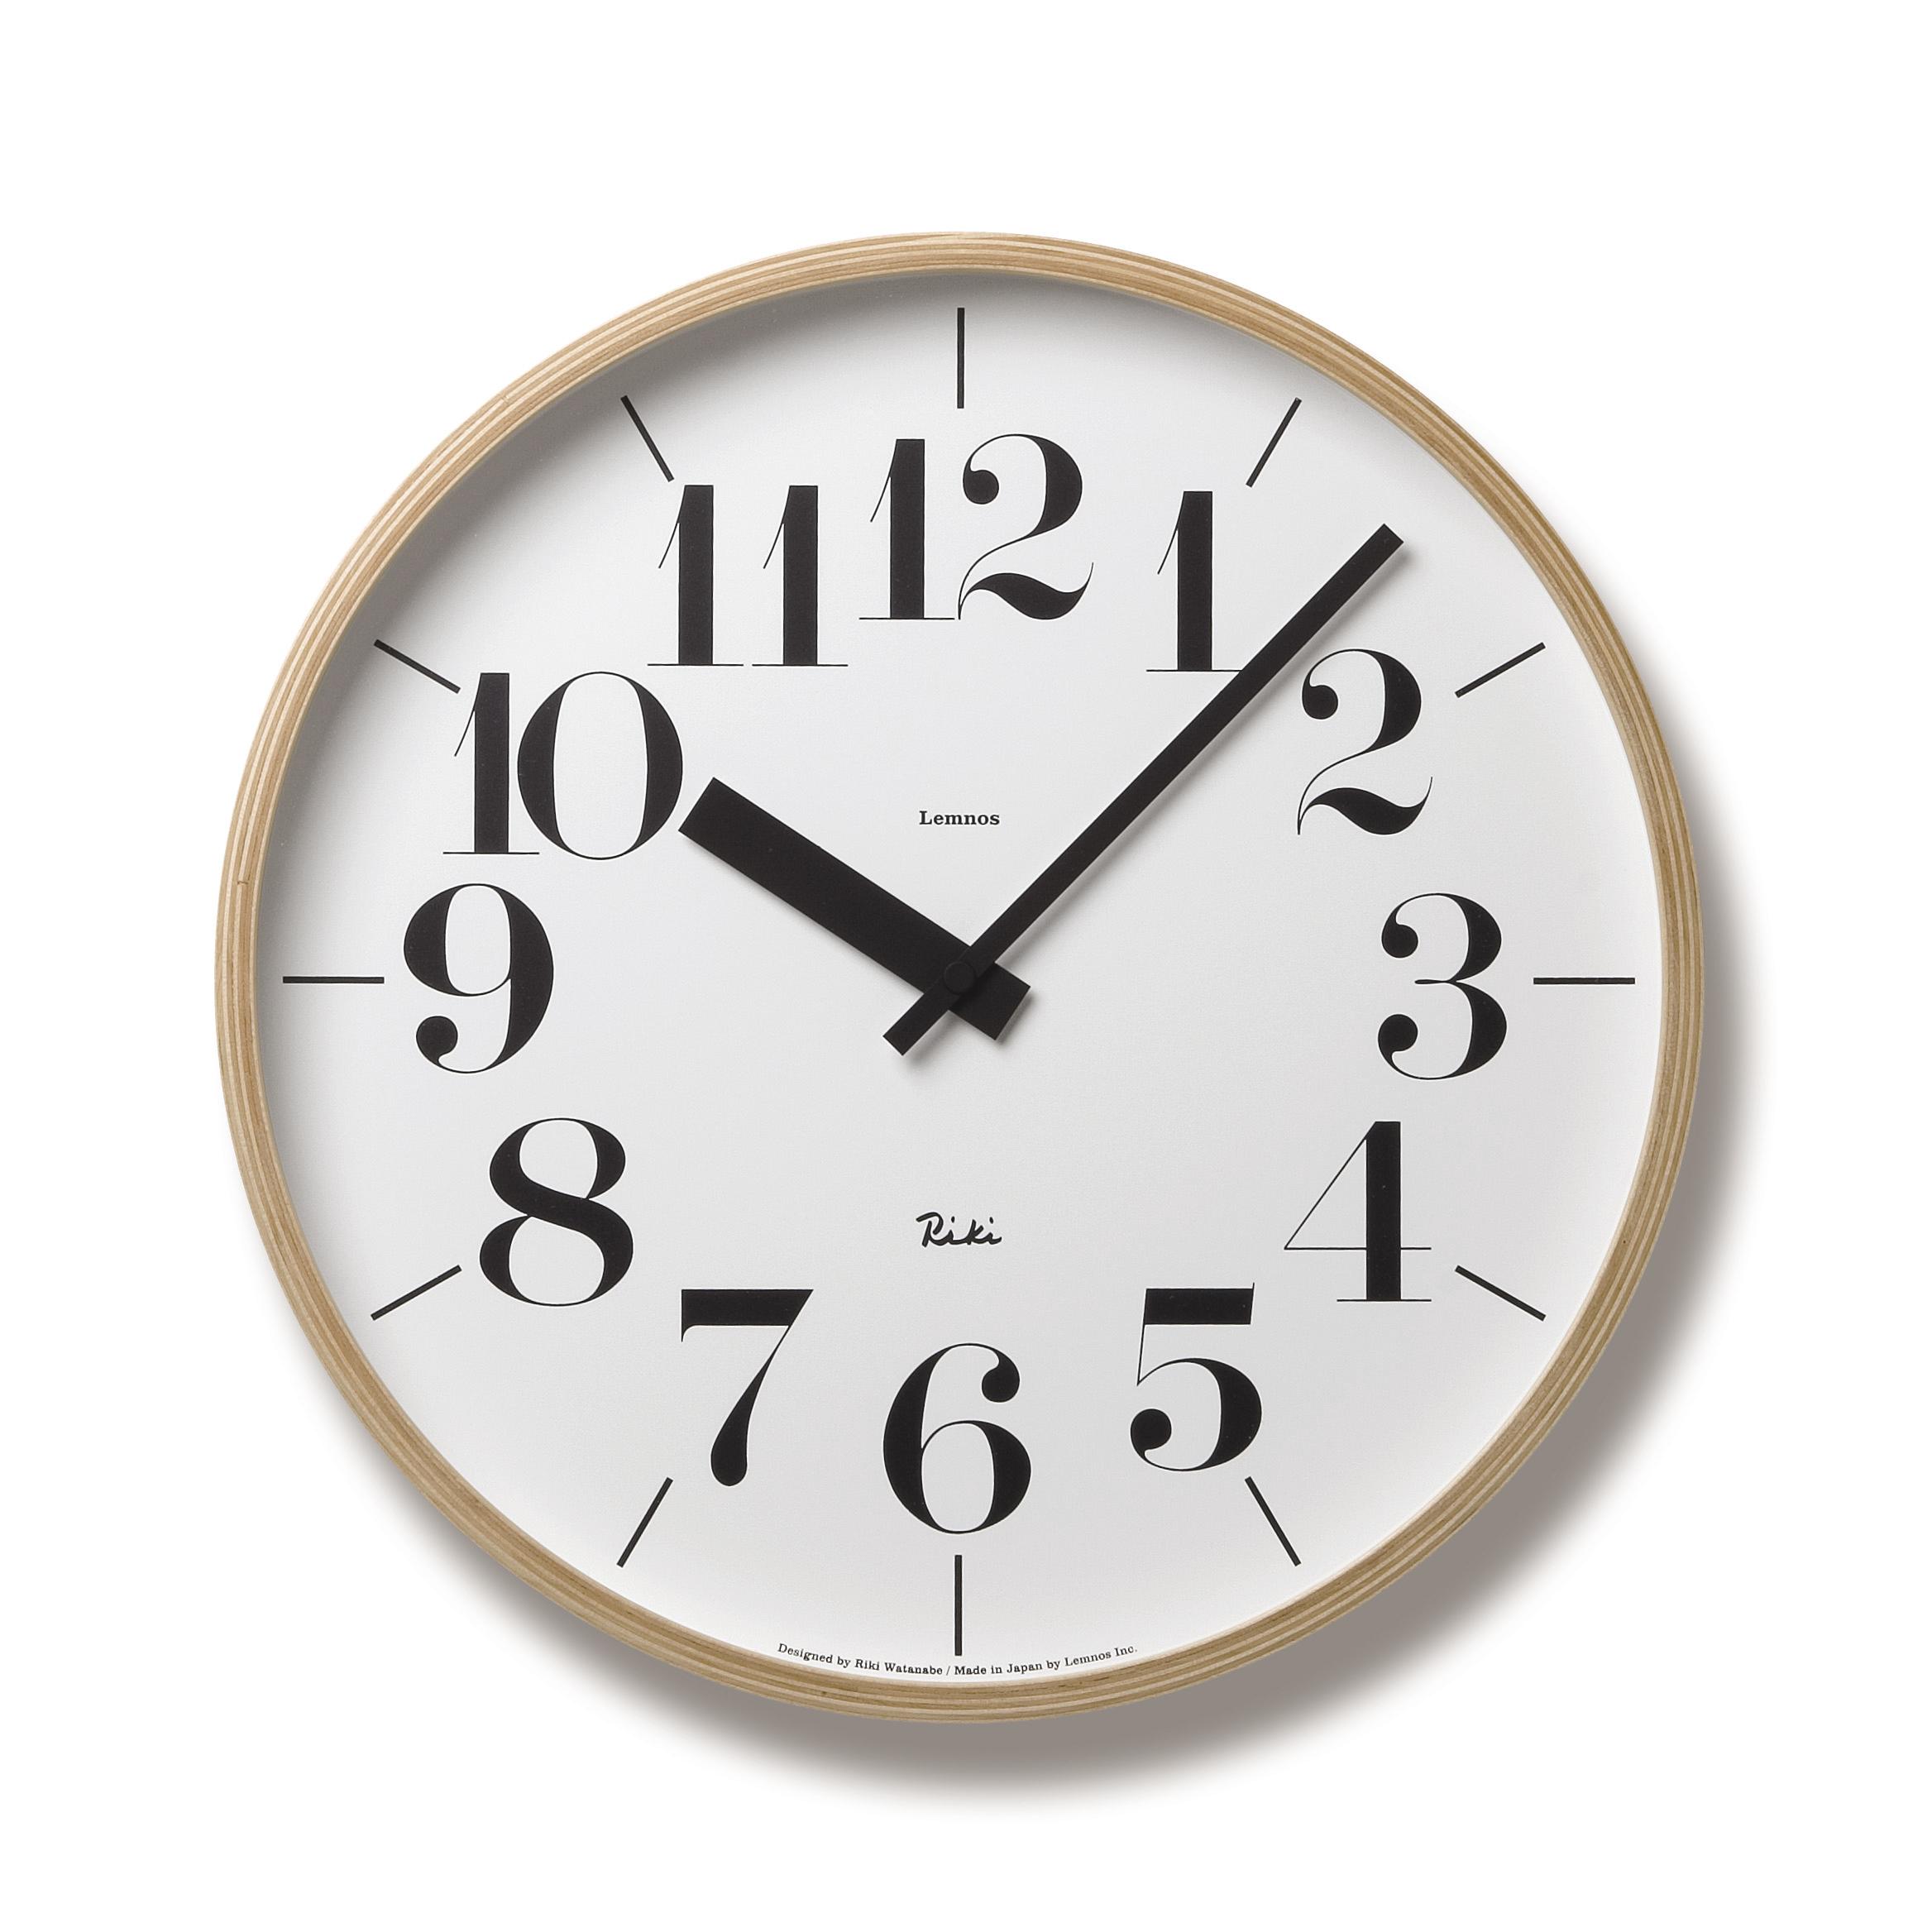 wanduhr riki clock l designer wanduhren wanduhren wanduhren tischuhren wecker online. Black Bedroom Furniture Sets. Home Design Ideas